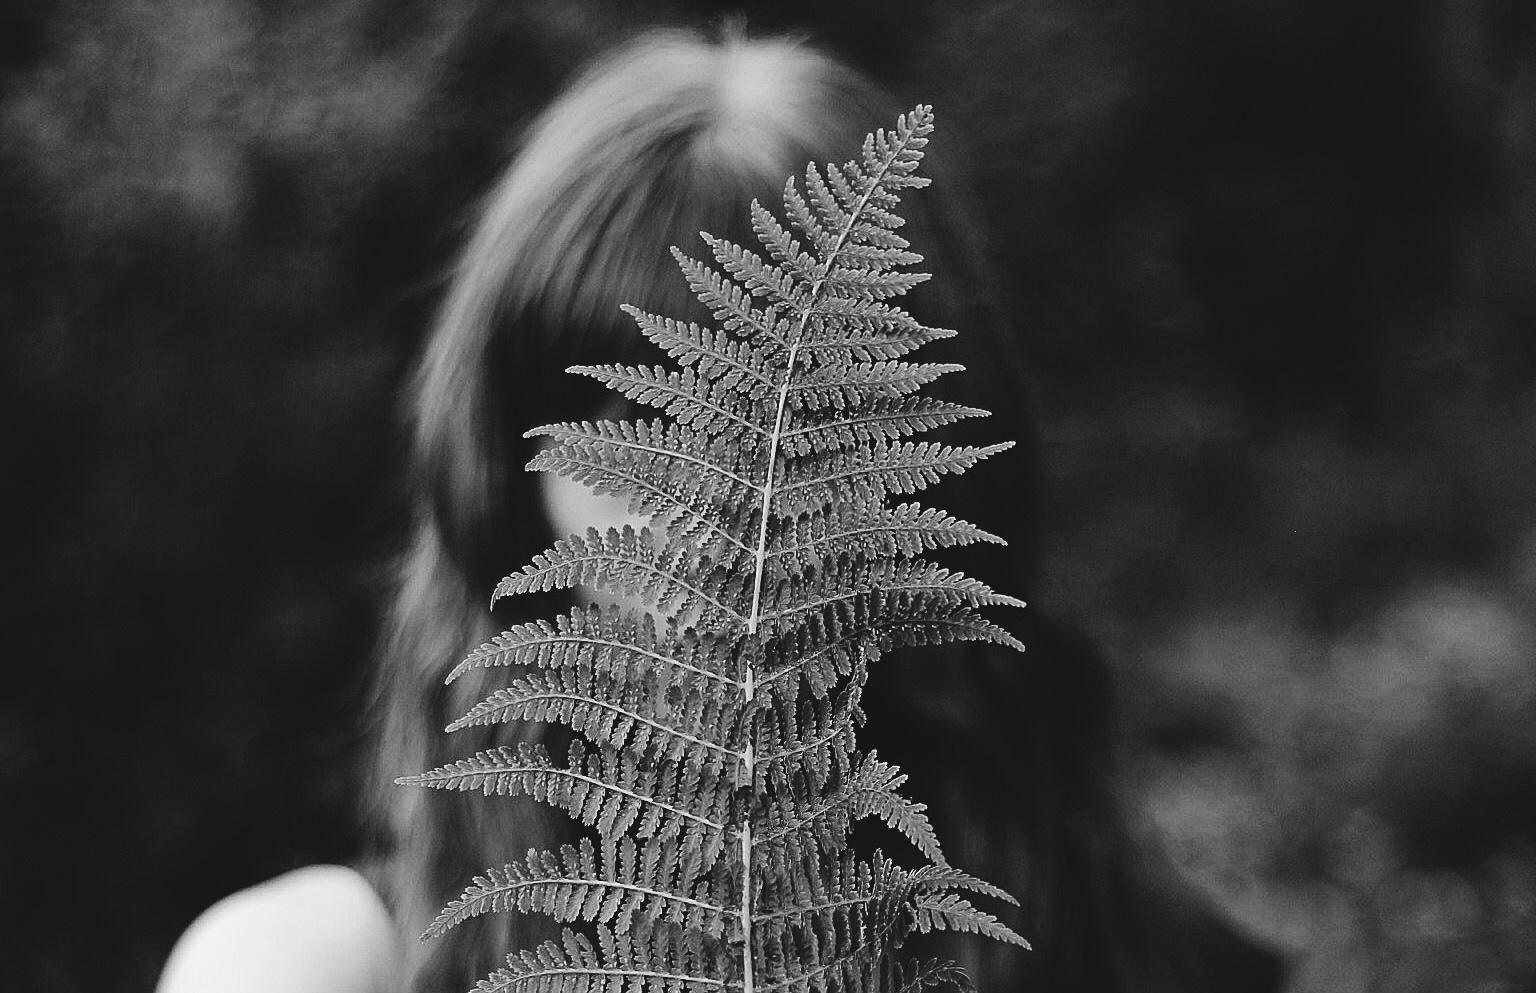 Girl holding fern